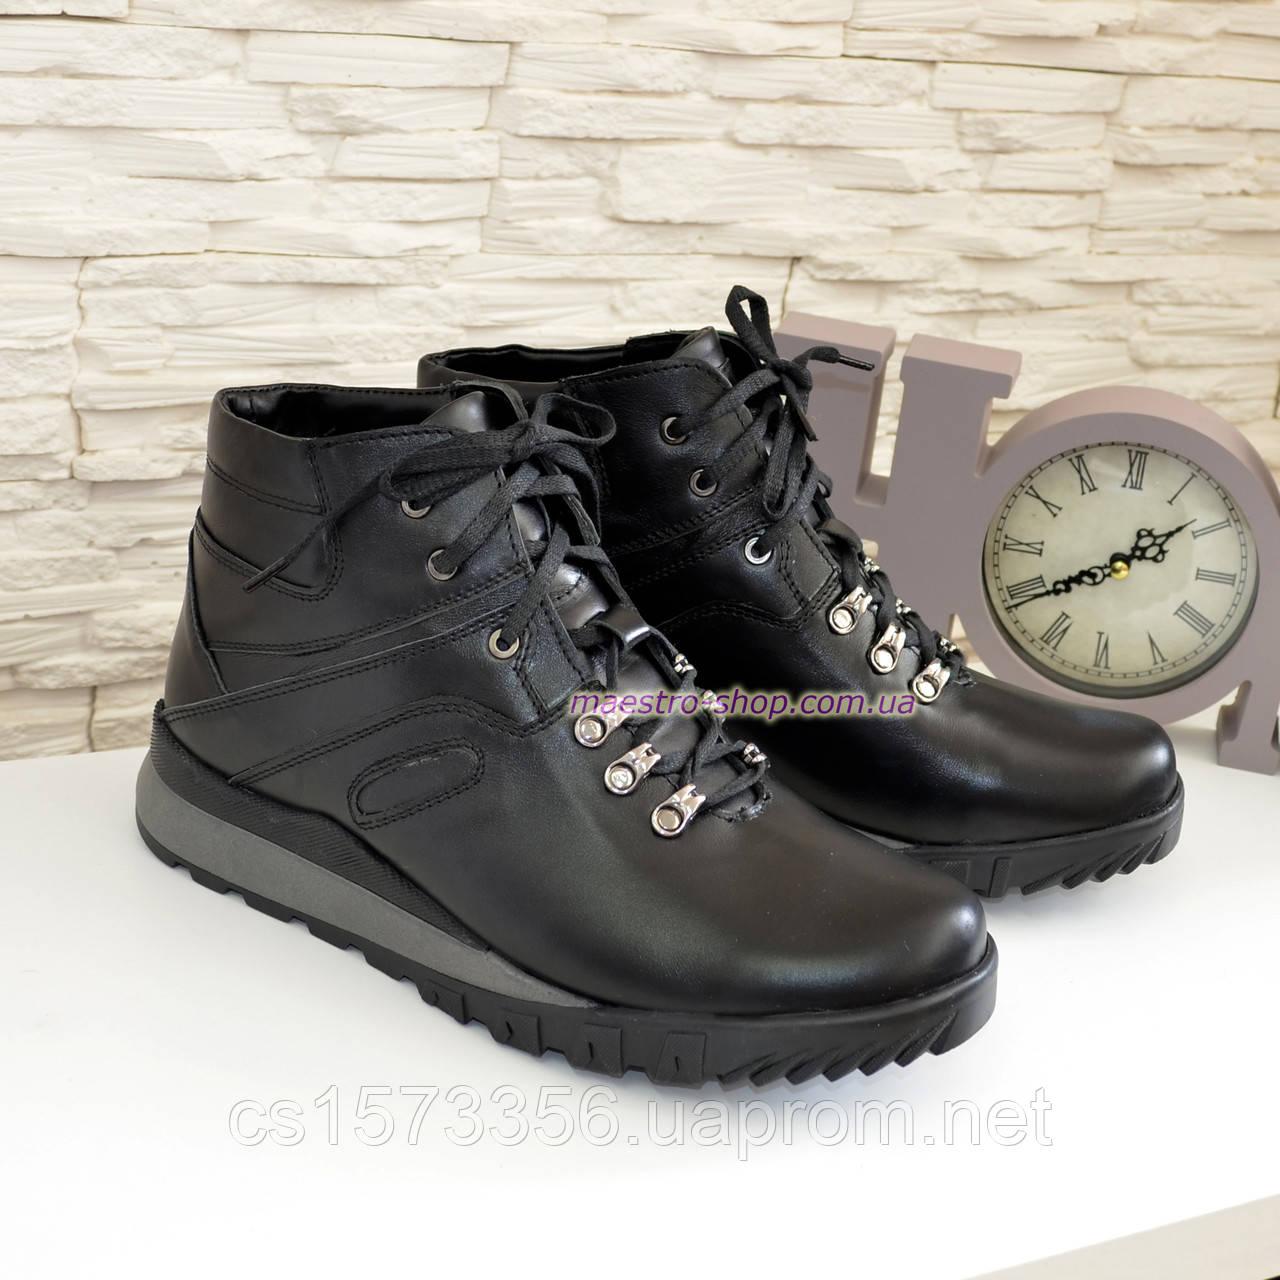 Мужские ботинки на шнуровке, осень/зима, натуральная кожа